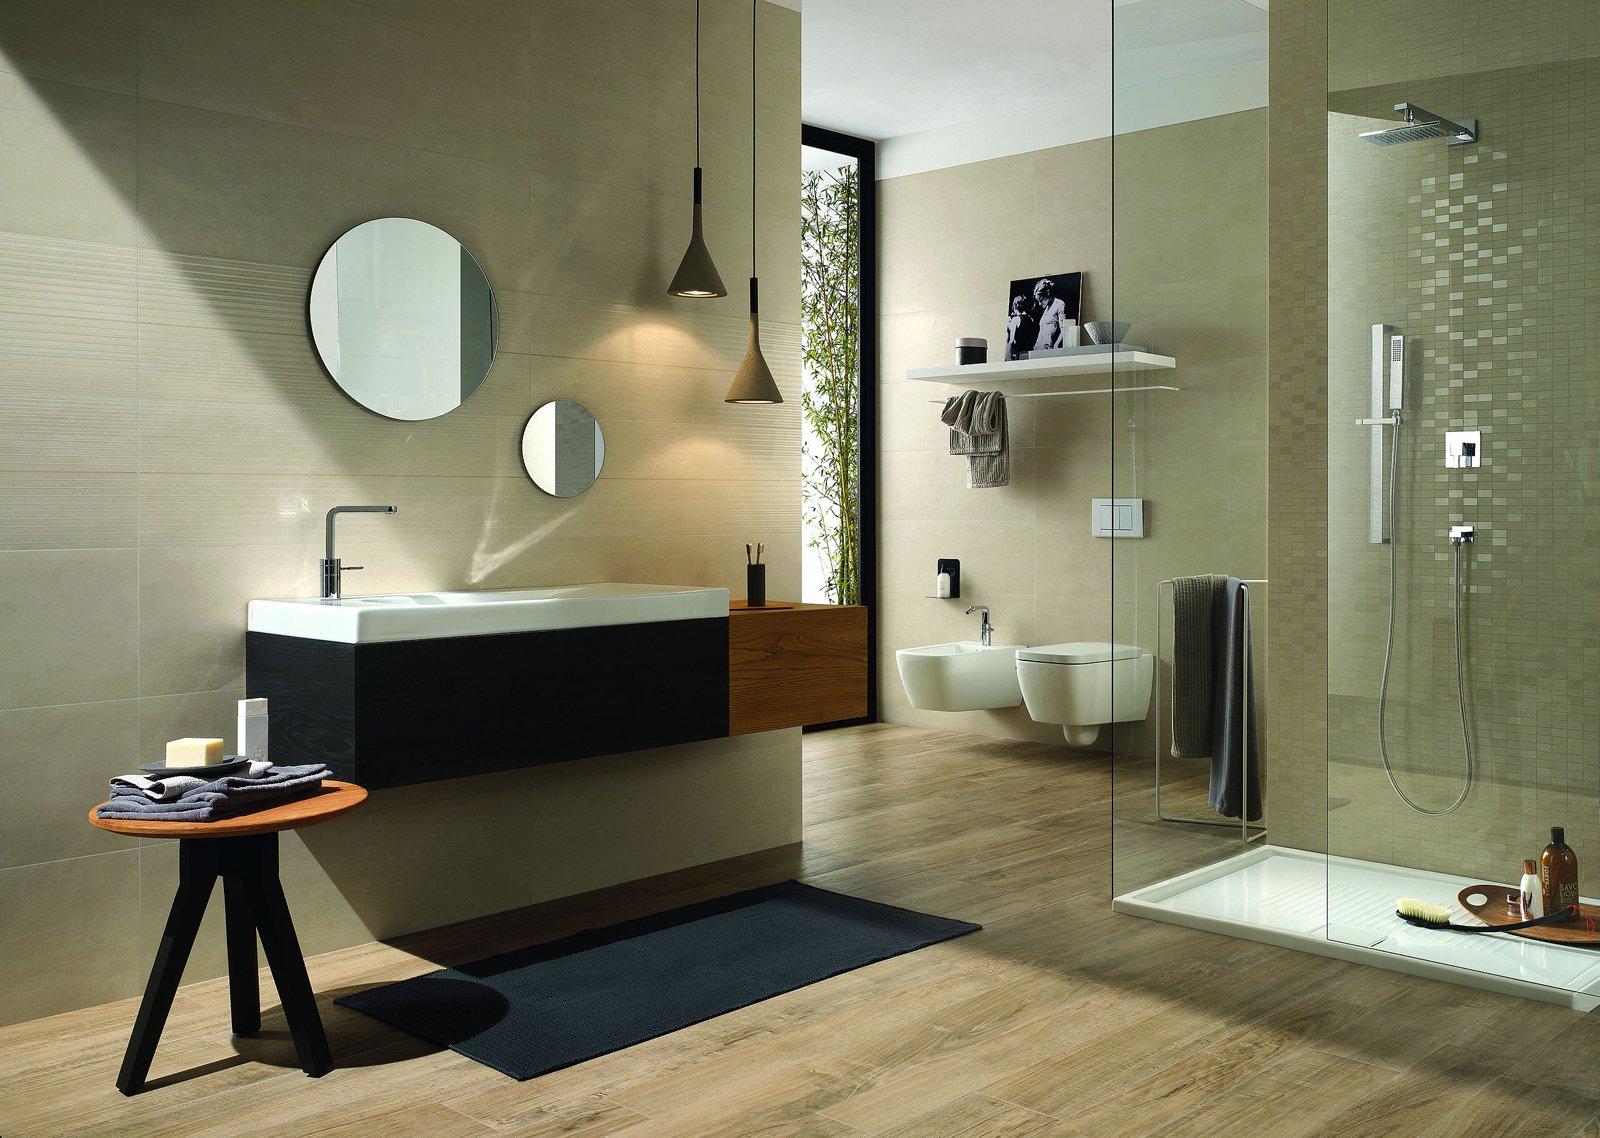 Piastrelle per il bagno tre stili diversi cose di casa - Immagini piastrelle bagno ...